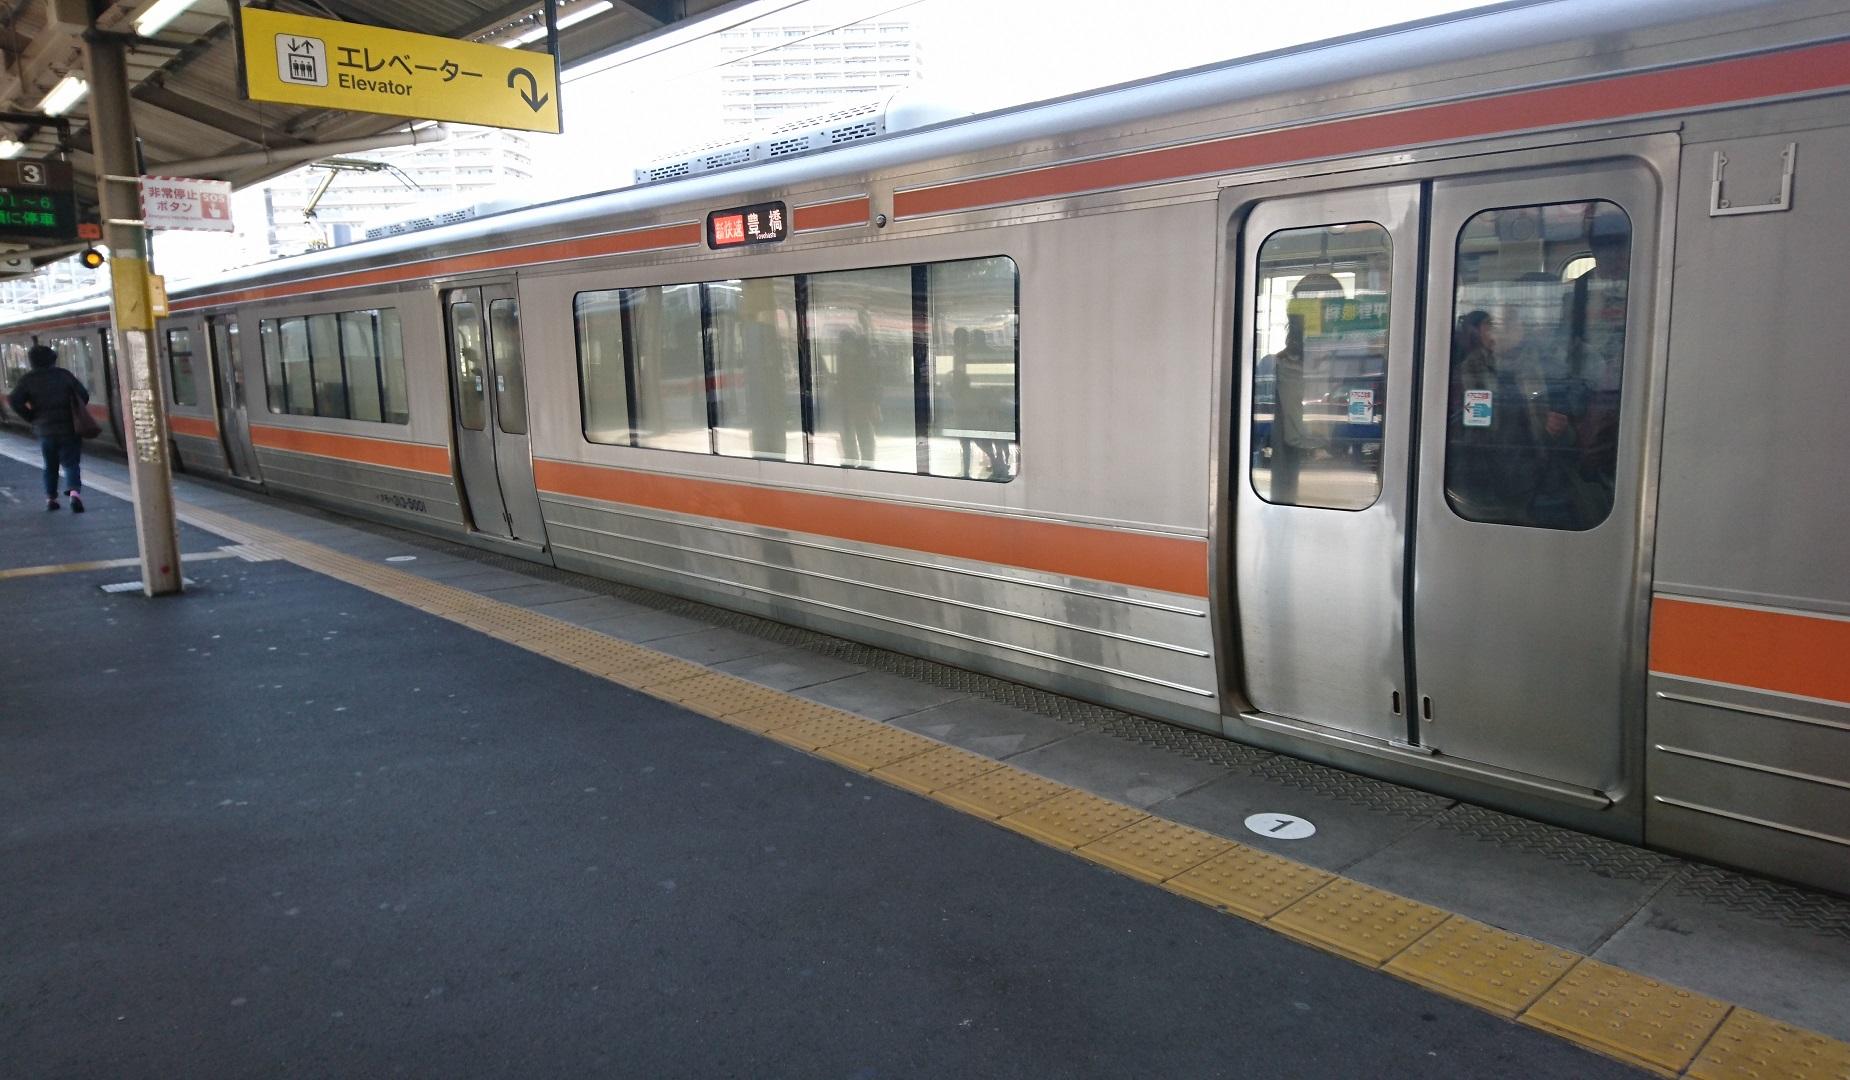 2017.3.27 東海道線 (1) あんじょう - 豊橋いき新快速 1850-1080